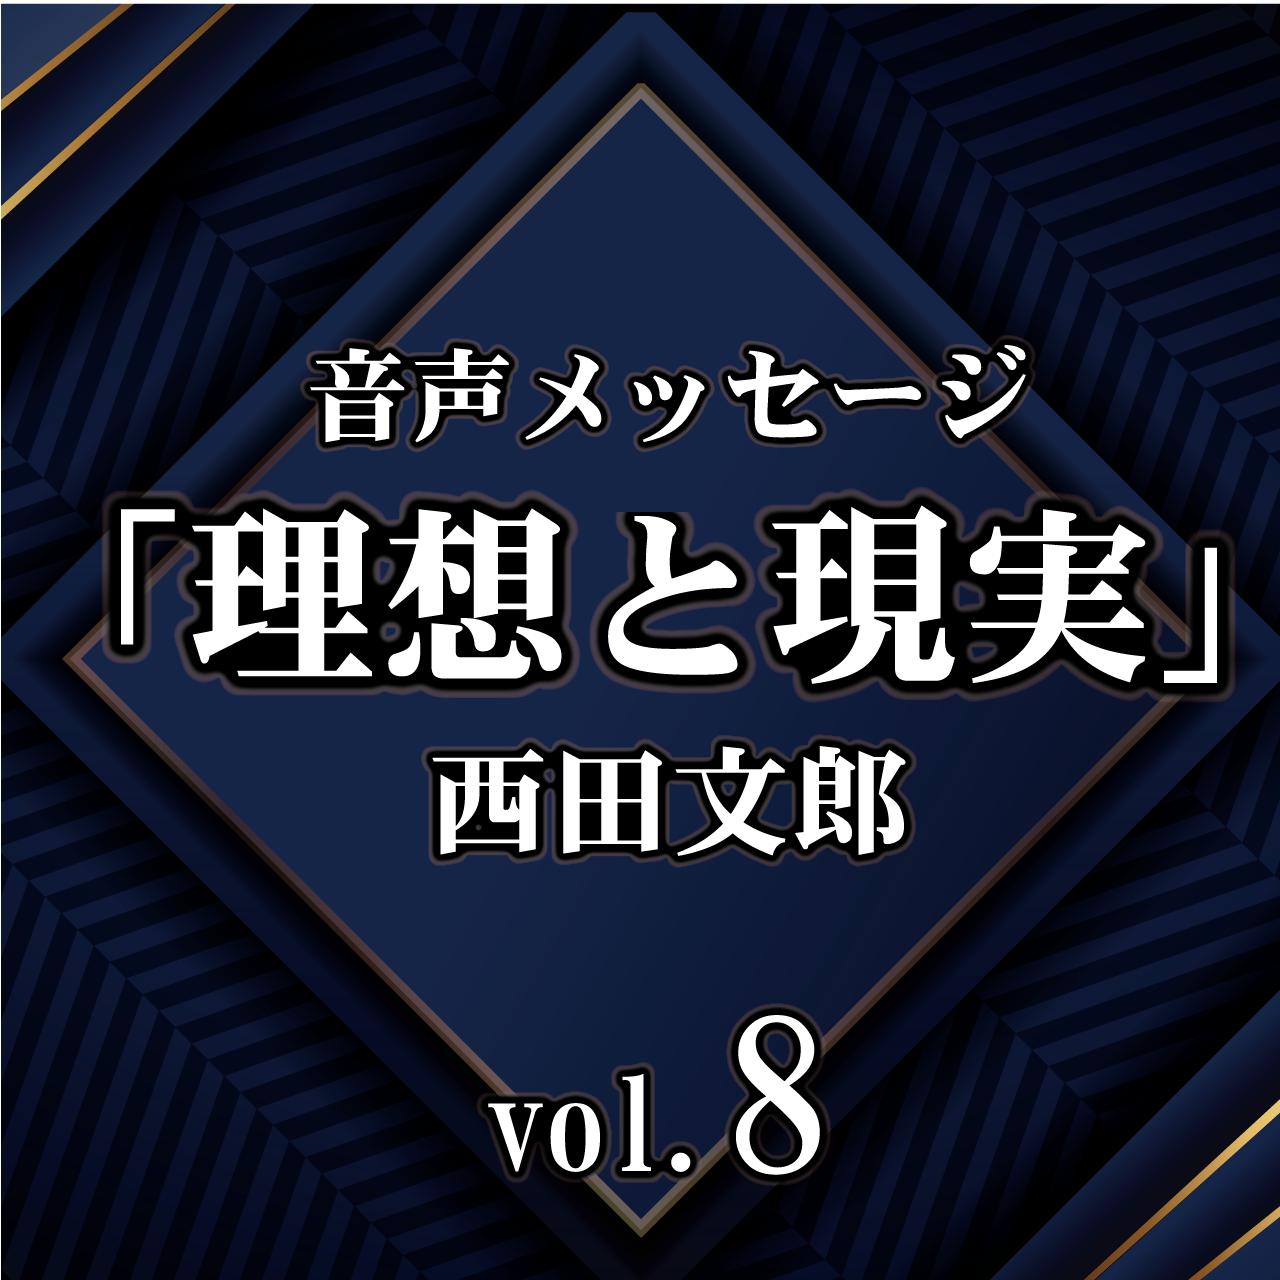 西田文郎 音声メッセージ vol.8『理想と現実』